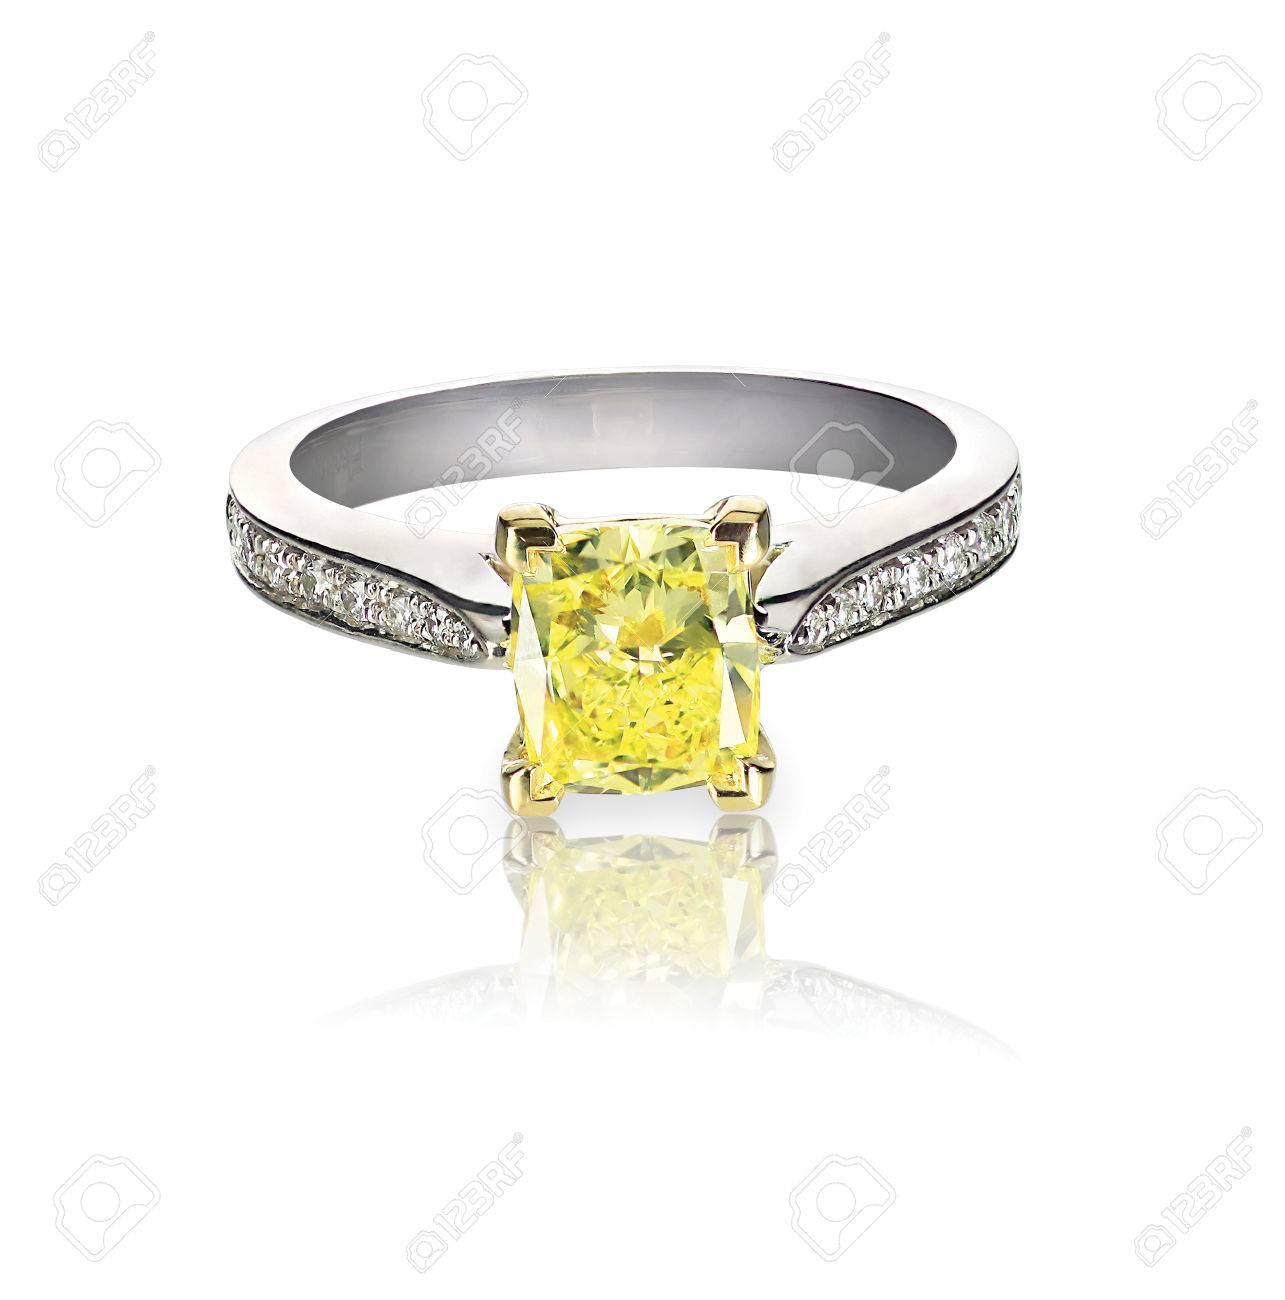 bague diamant jaune et blanc